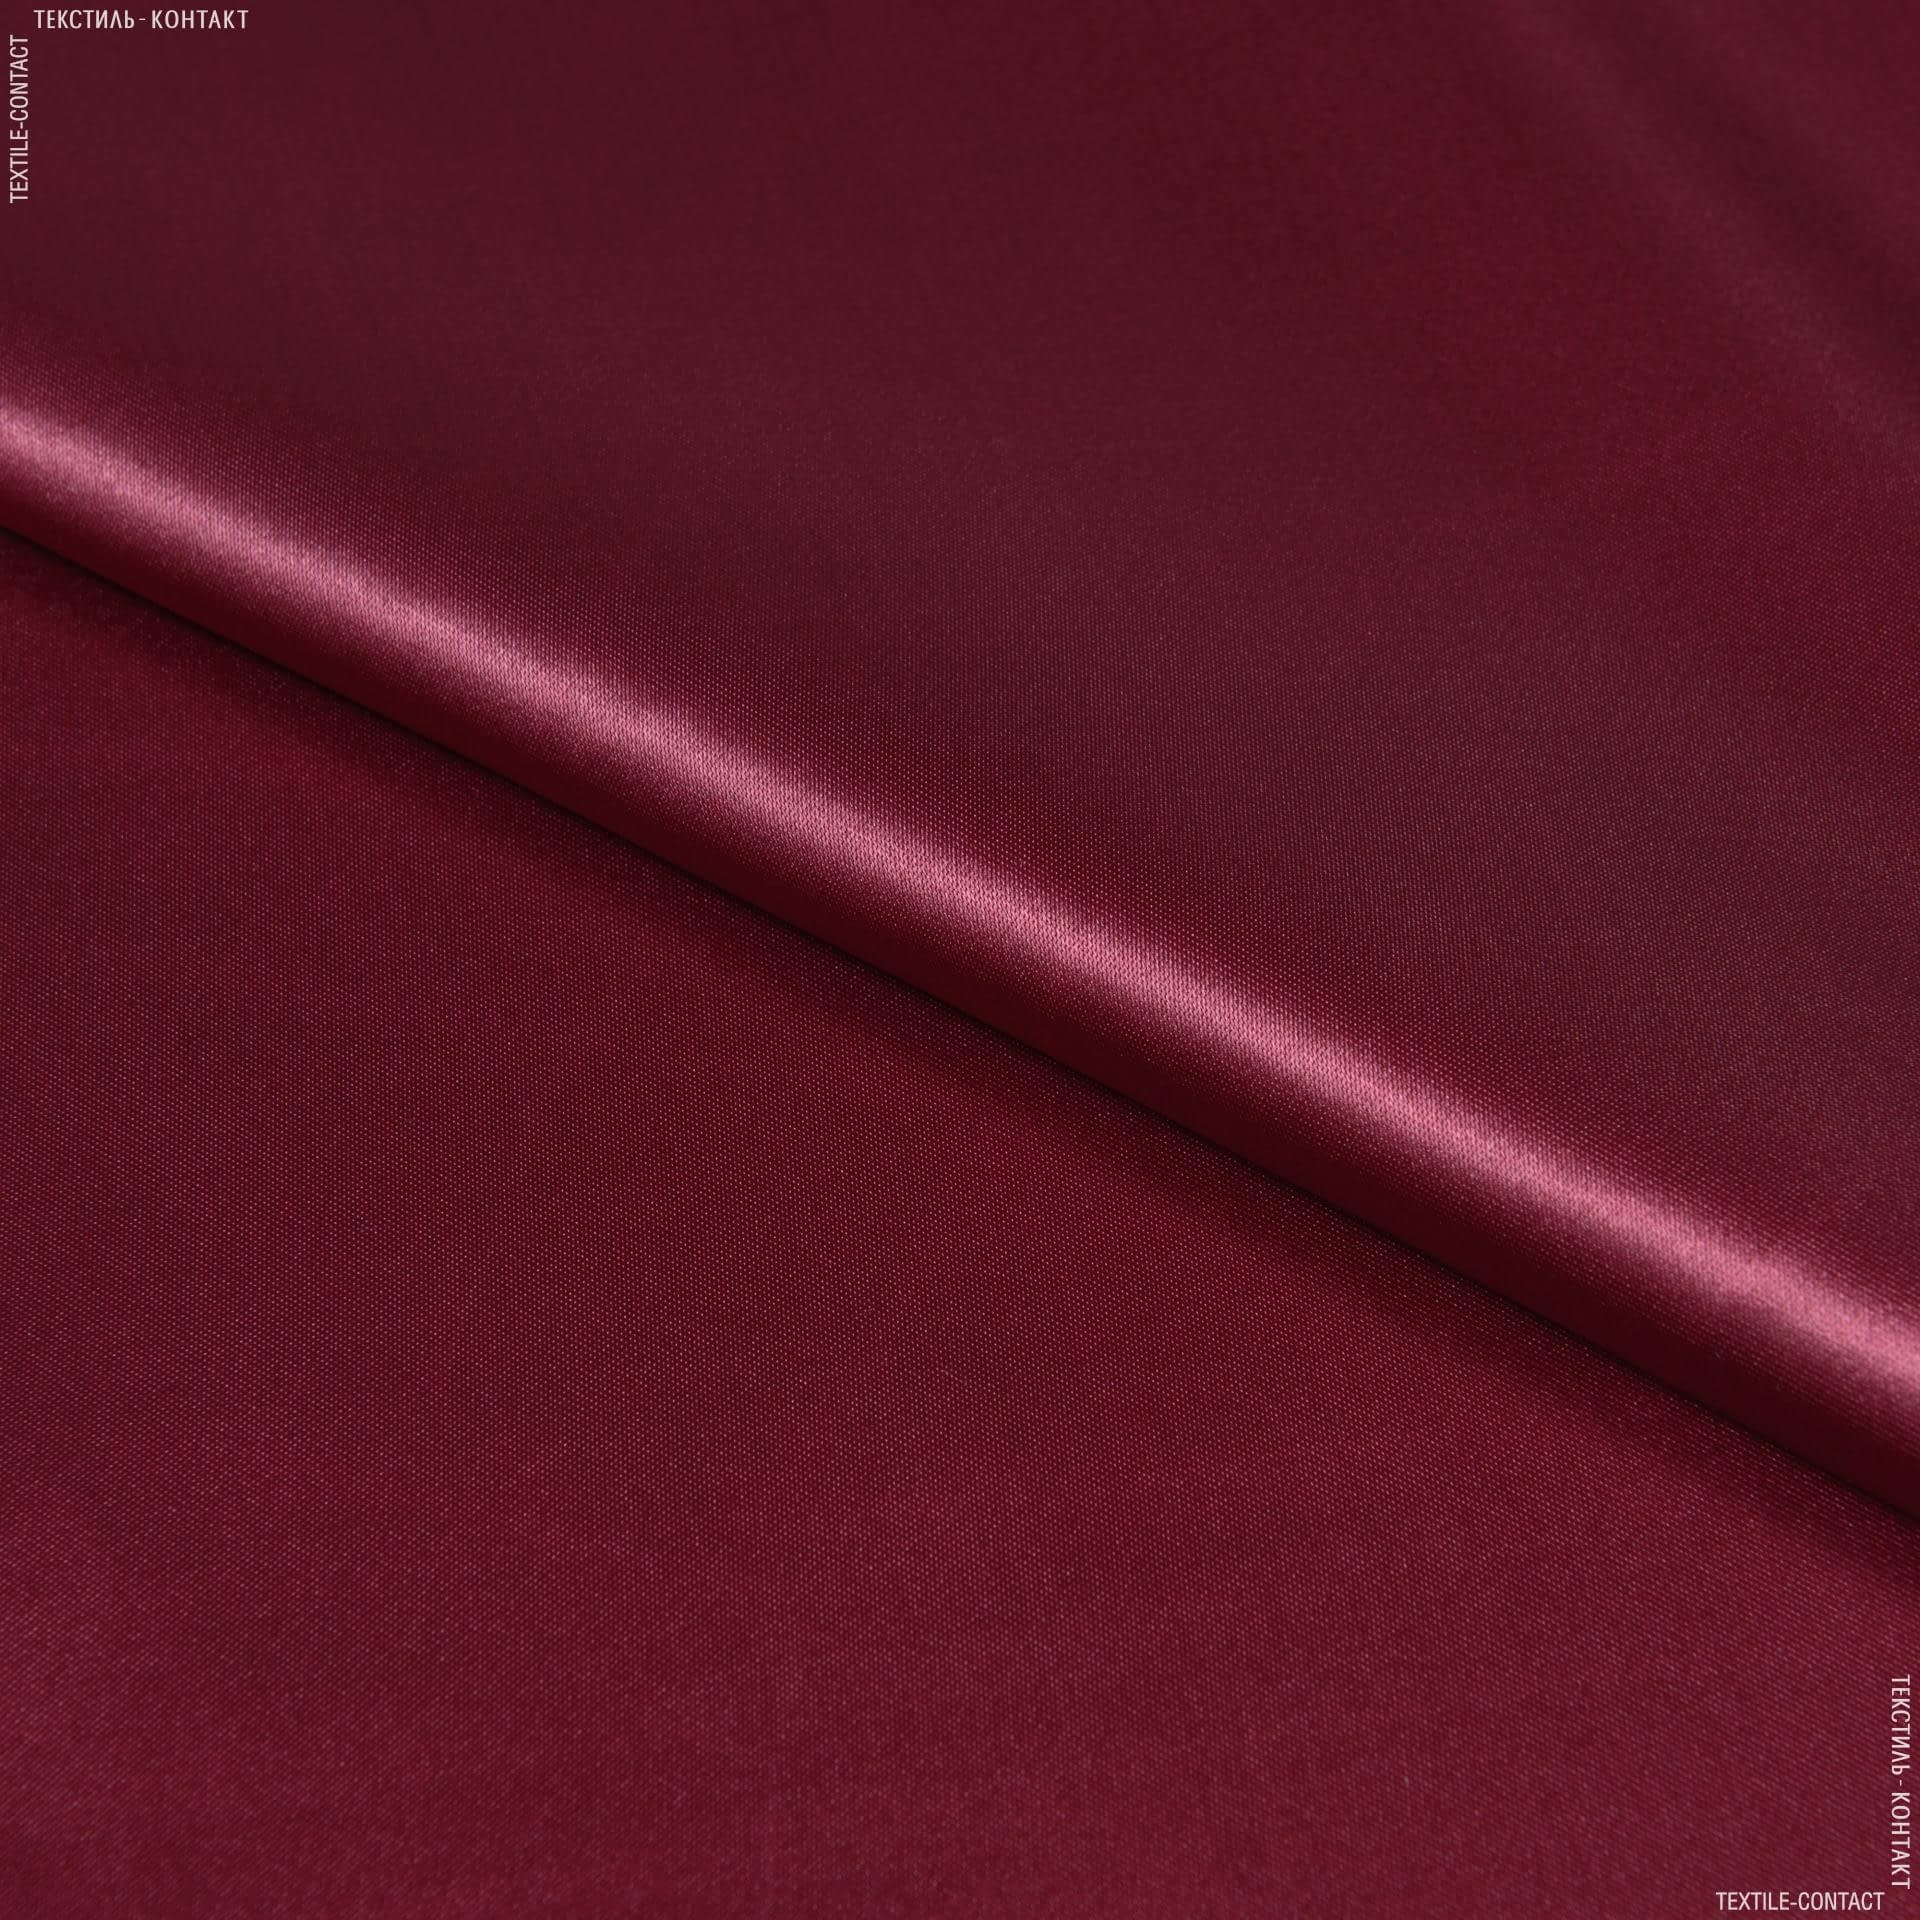 Ткани для костюмов - Атлас плотный бордо